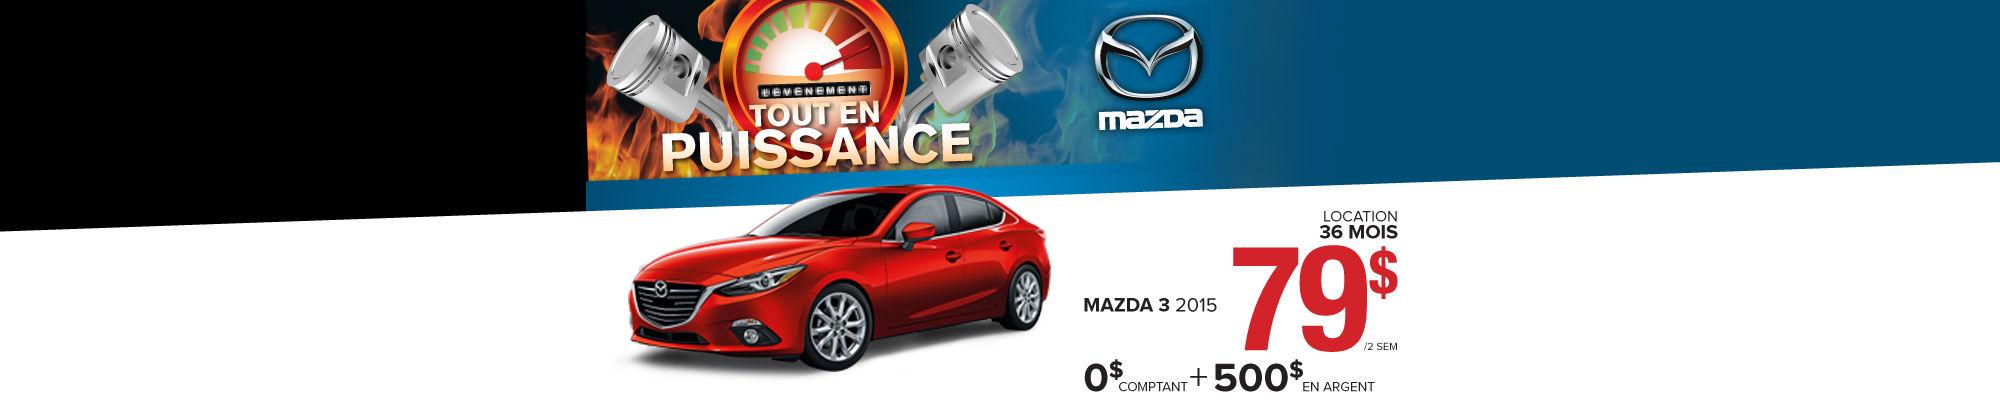 Mazda3 2015